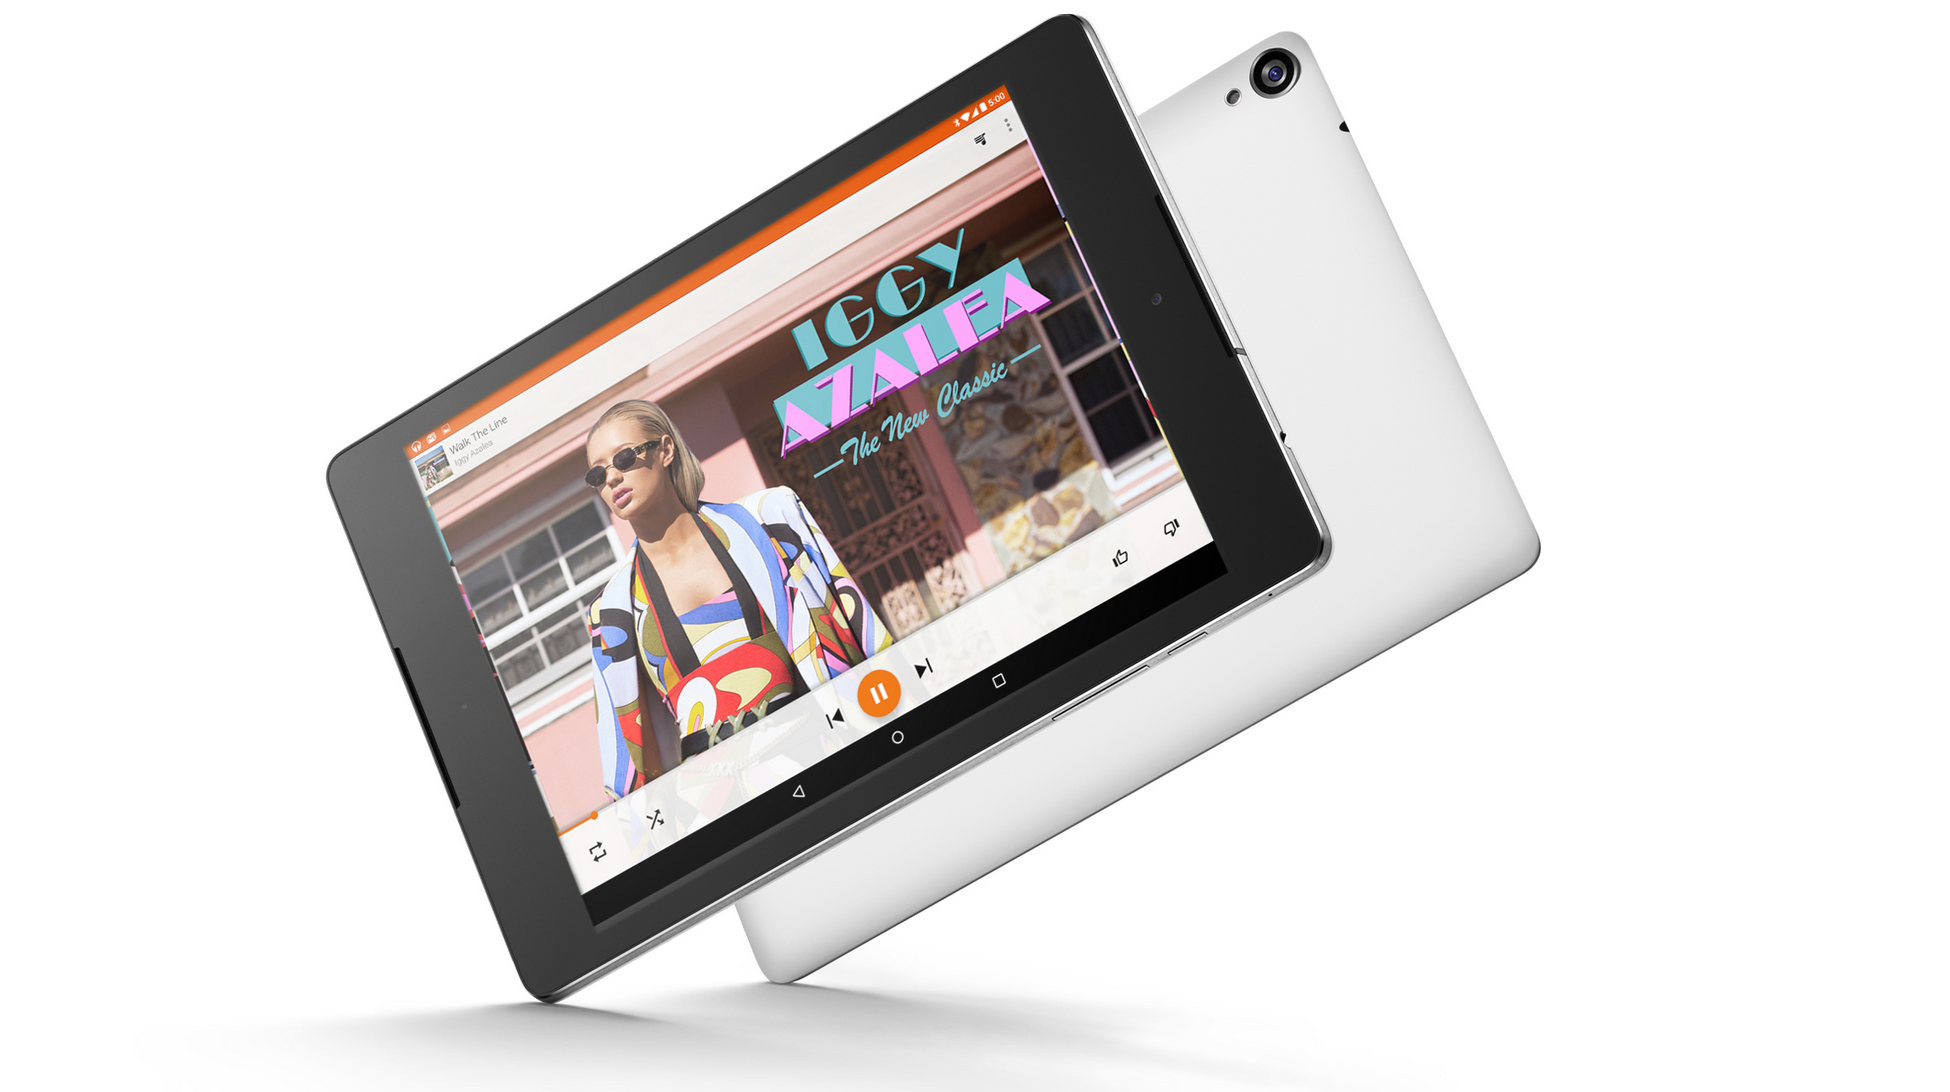 iPad Air 2 vs Nexus 9